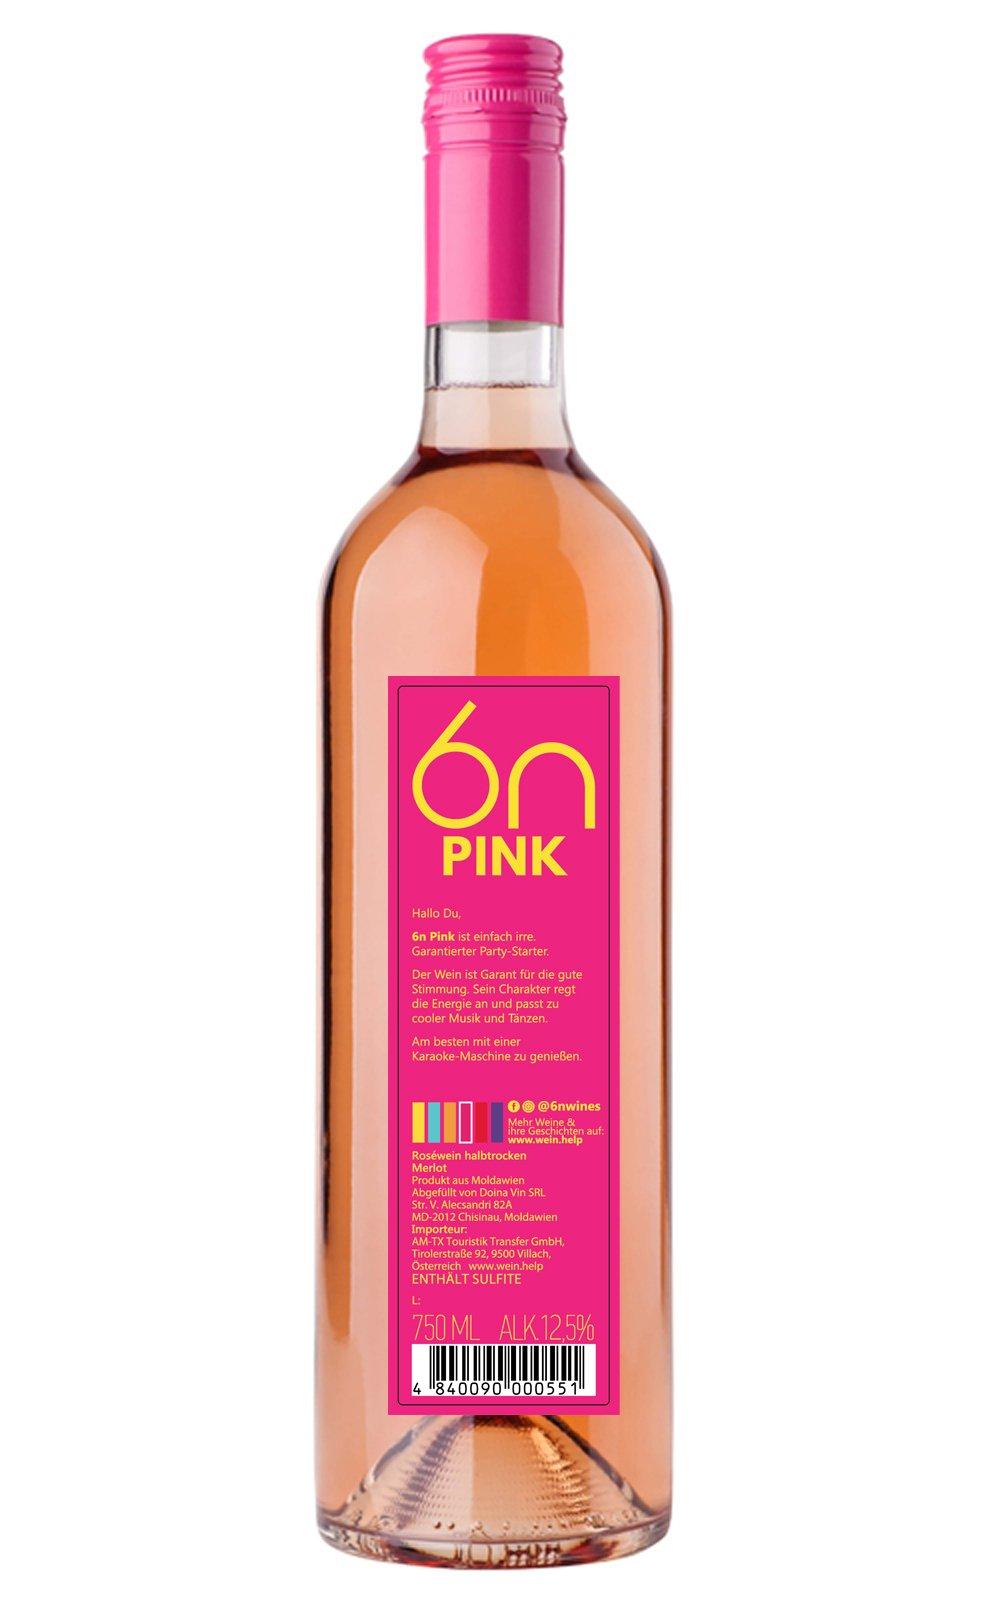 6n-Party-pink-Rosewein-halbtrocken